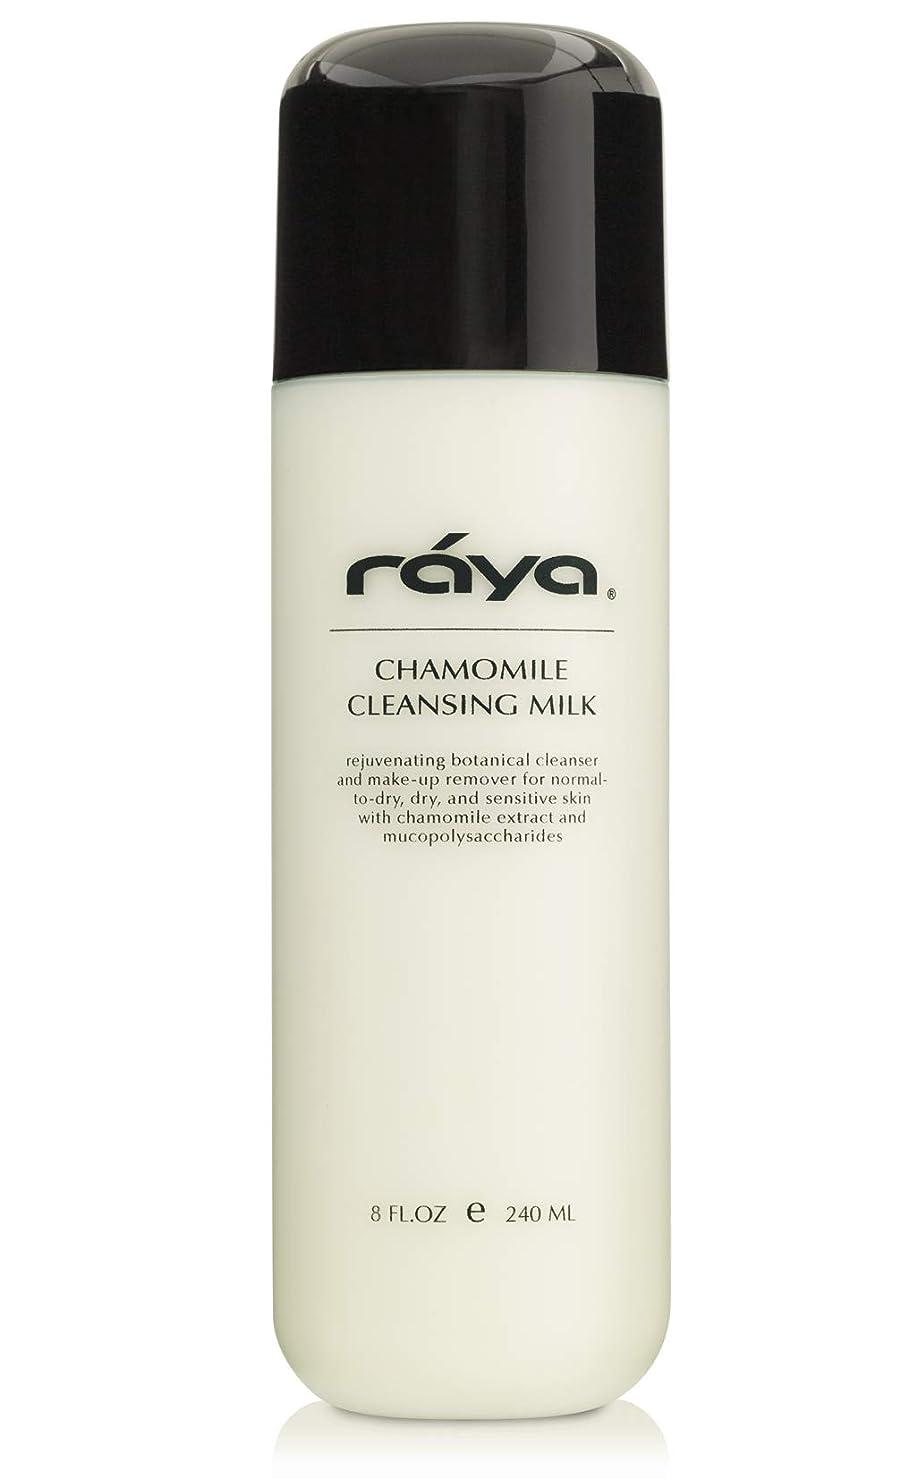 かりて骨髄勘違いするRaya カモミール洗顔ミルク (152) ジェントル、ソープフリーの液体クレンザーとメイクアップ乾燥肌や敏感肌のためのローションを削除 穏やかな炎症を助け、毛穴の絞り込み 8 fl-oz